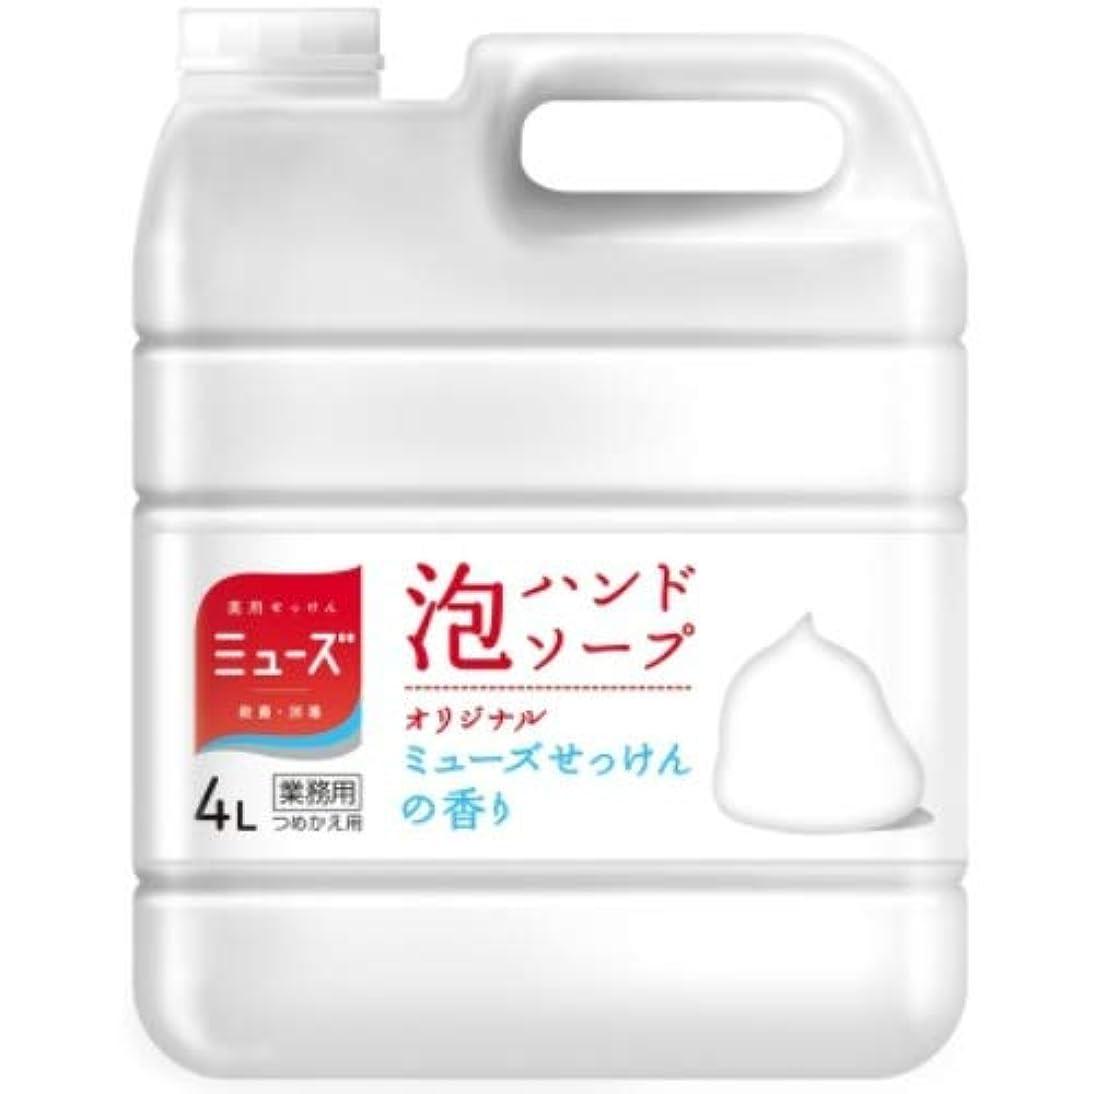 メディックズボン意味する【医薬部外品】泡ミューズ オリジナル 4L